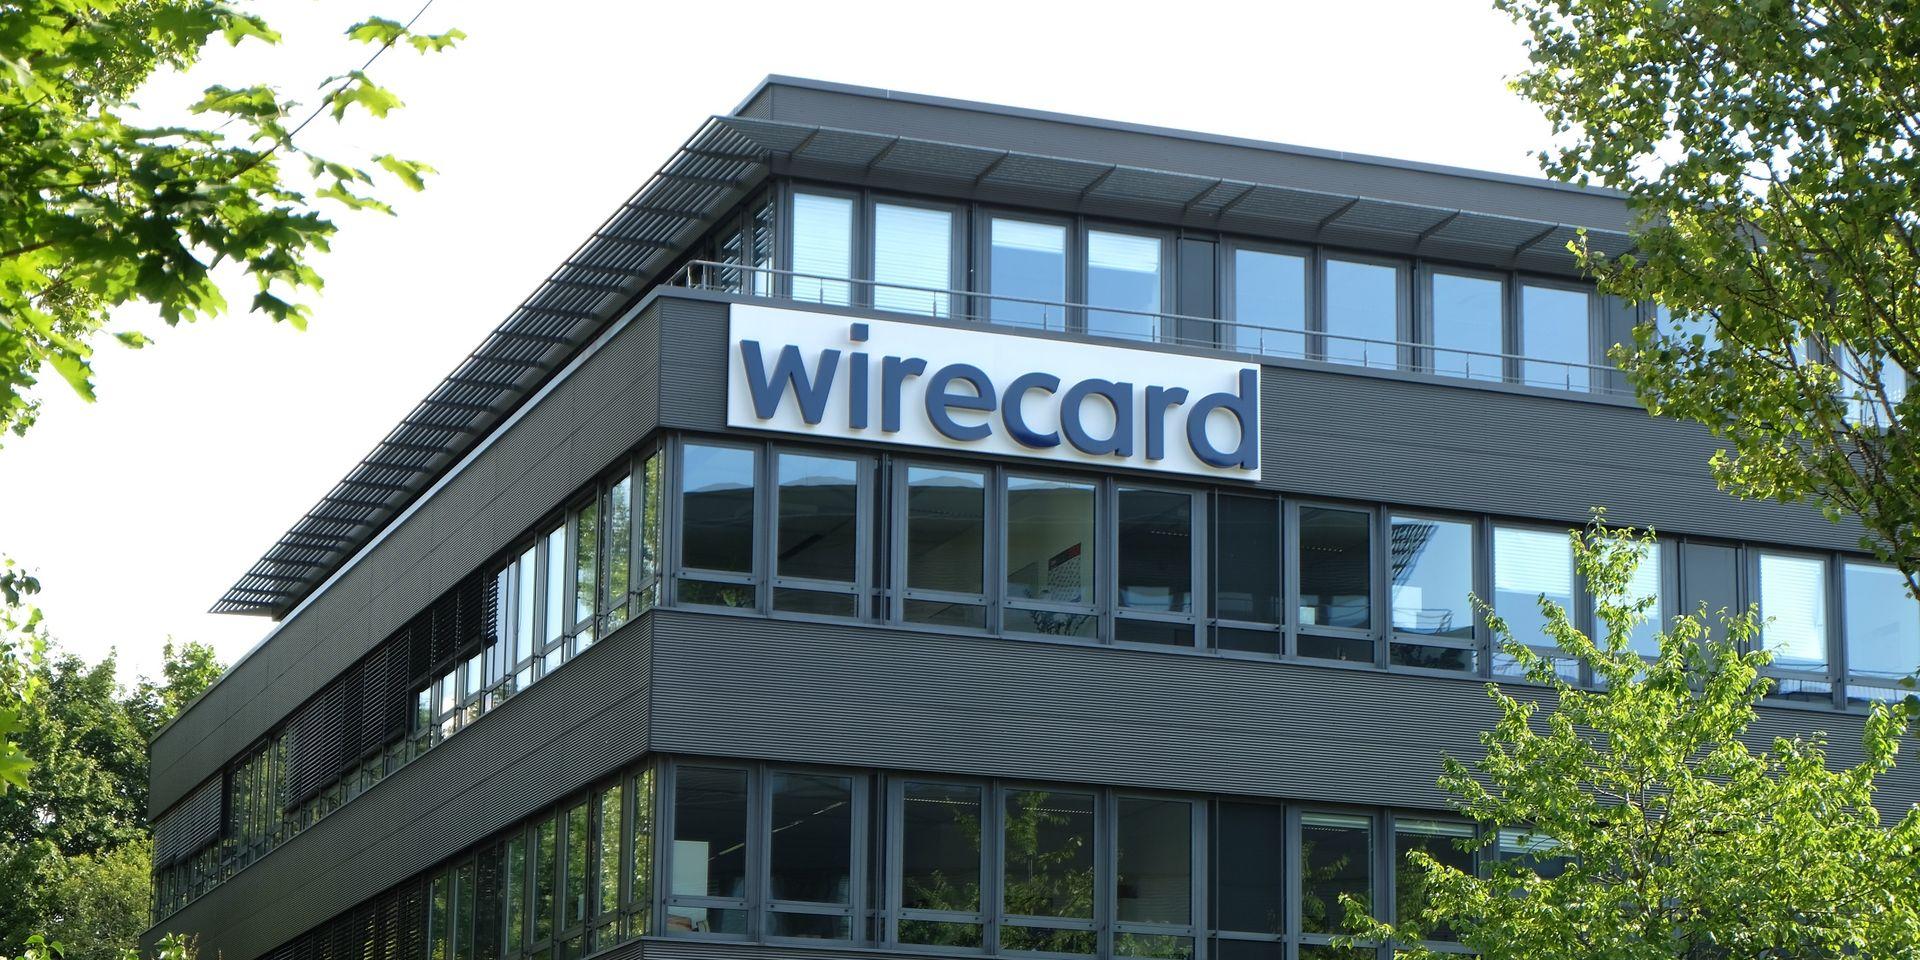 L'Allemagne resserre sa surveillance financière après le scandale Wirecard